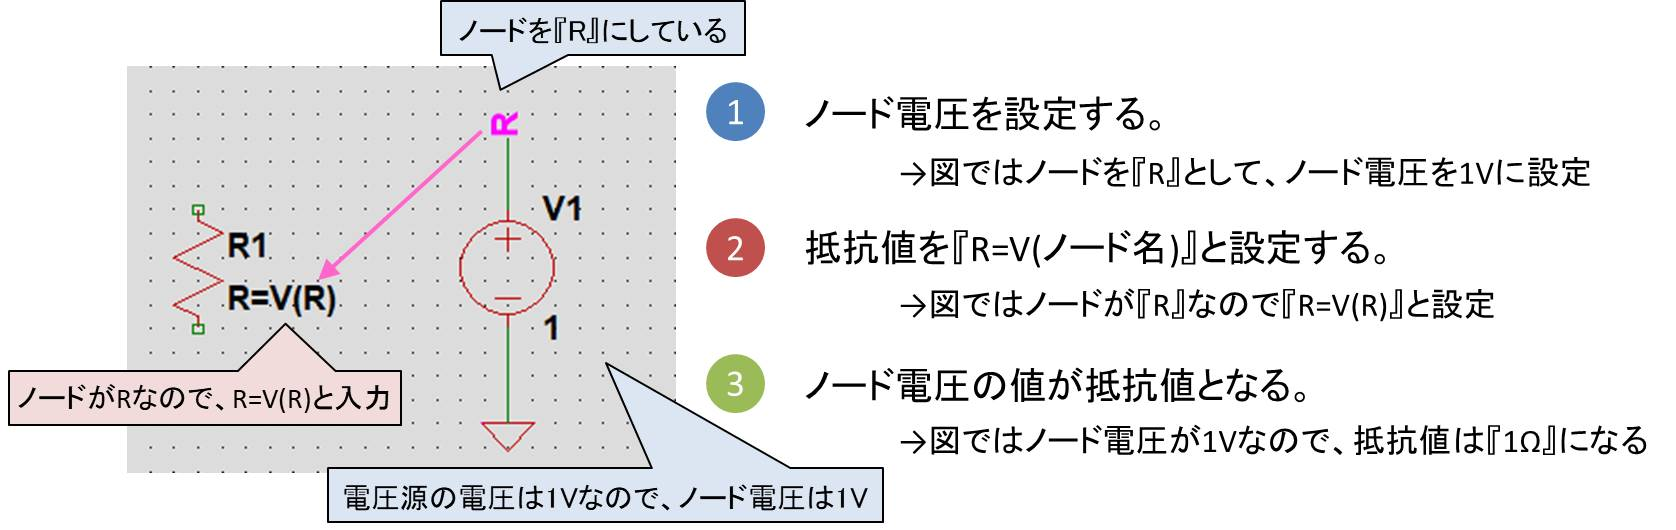 ノードの電圧を抵抗値のパラメータに設定して可変抵抗を作る方法01